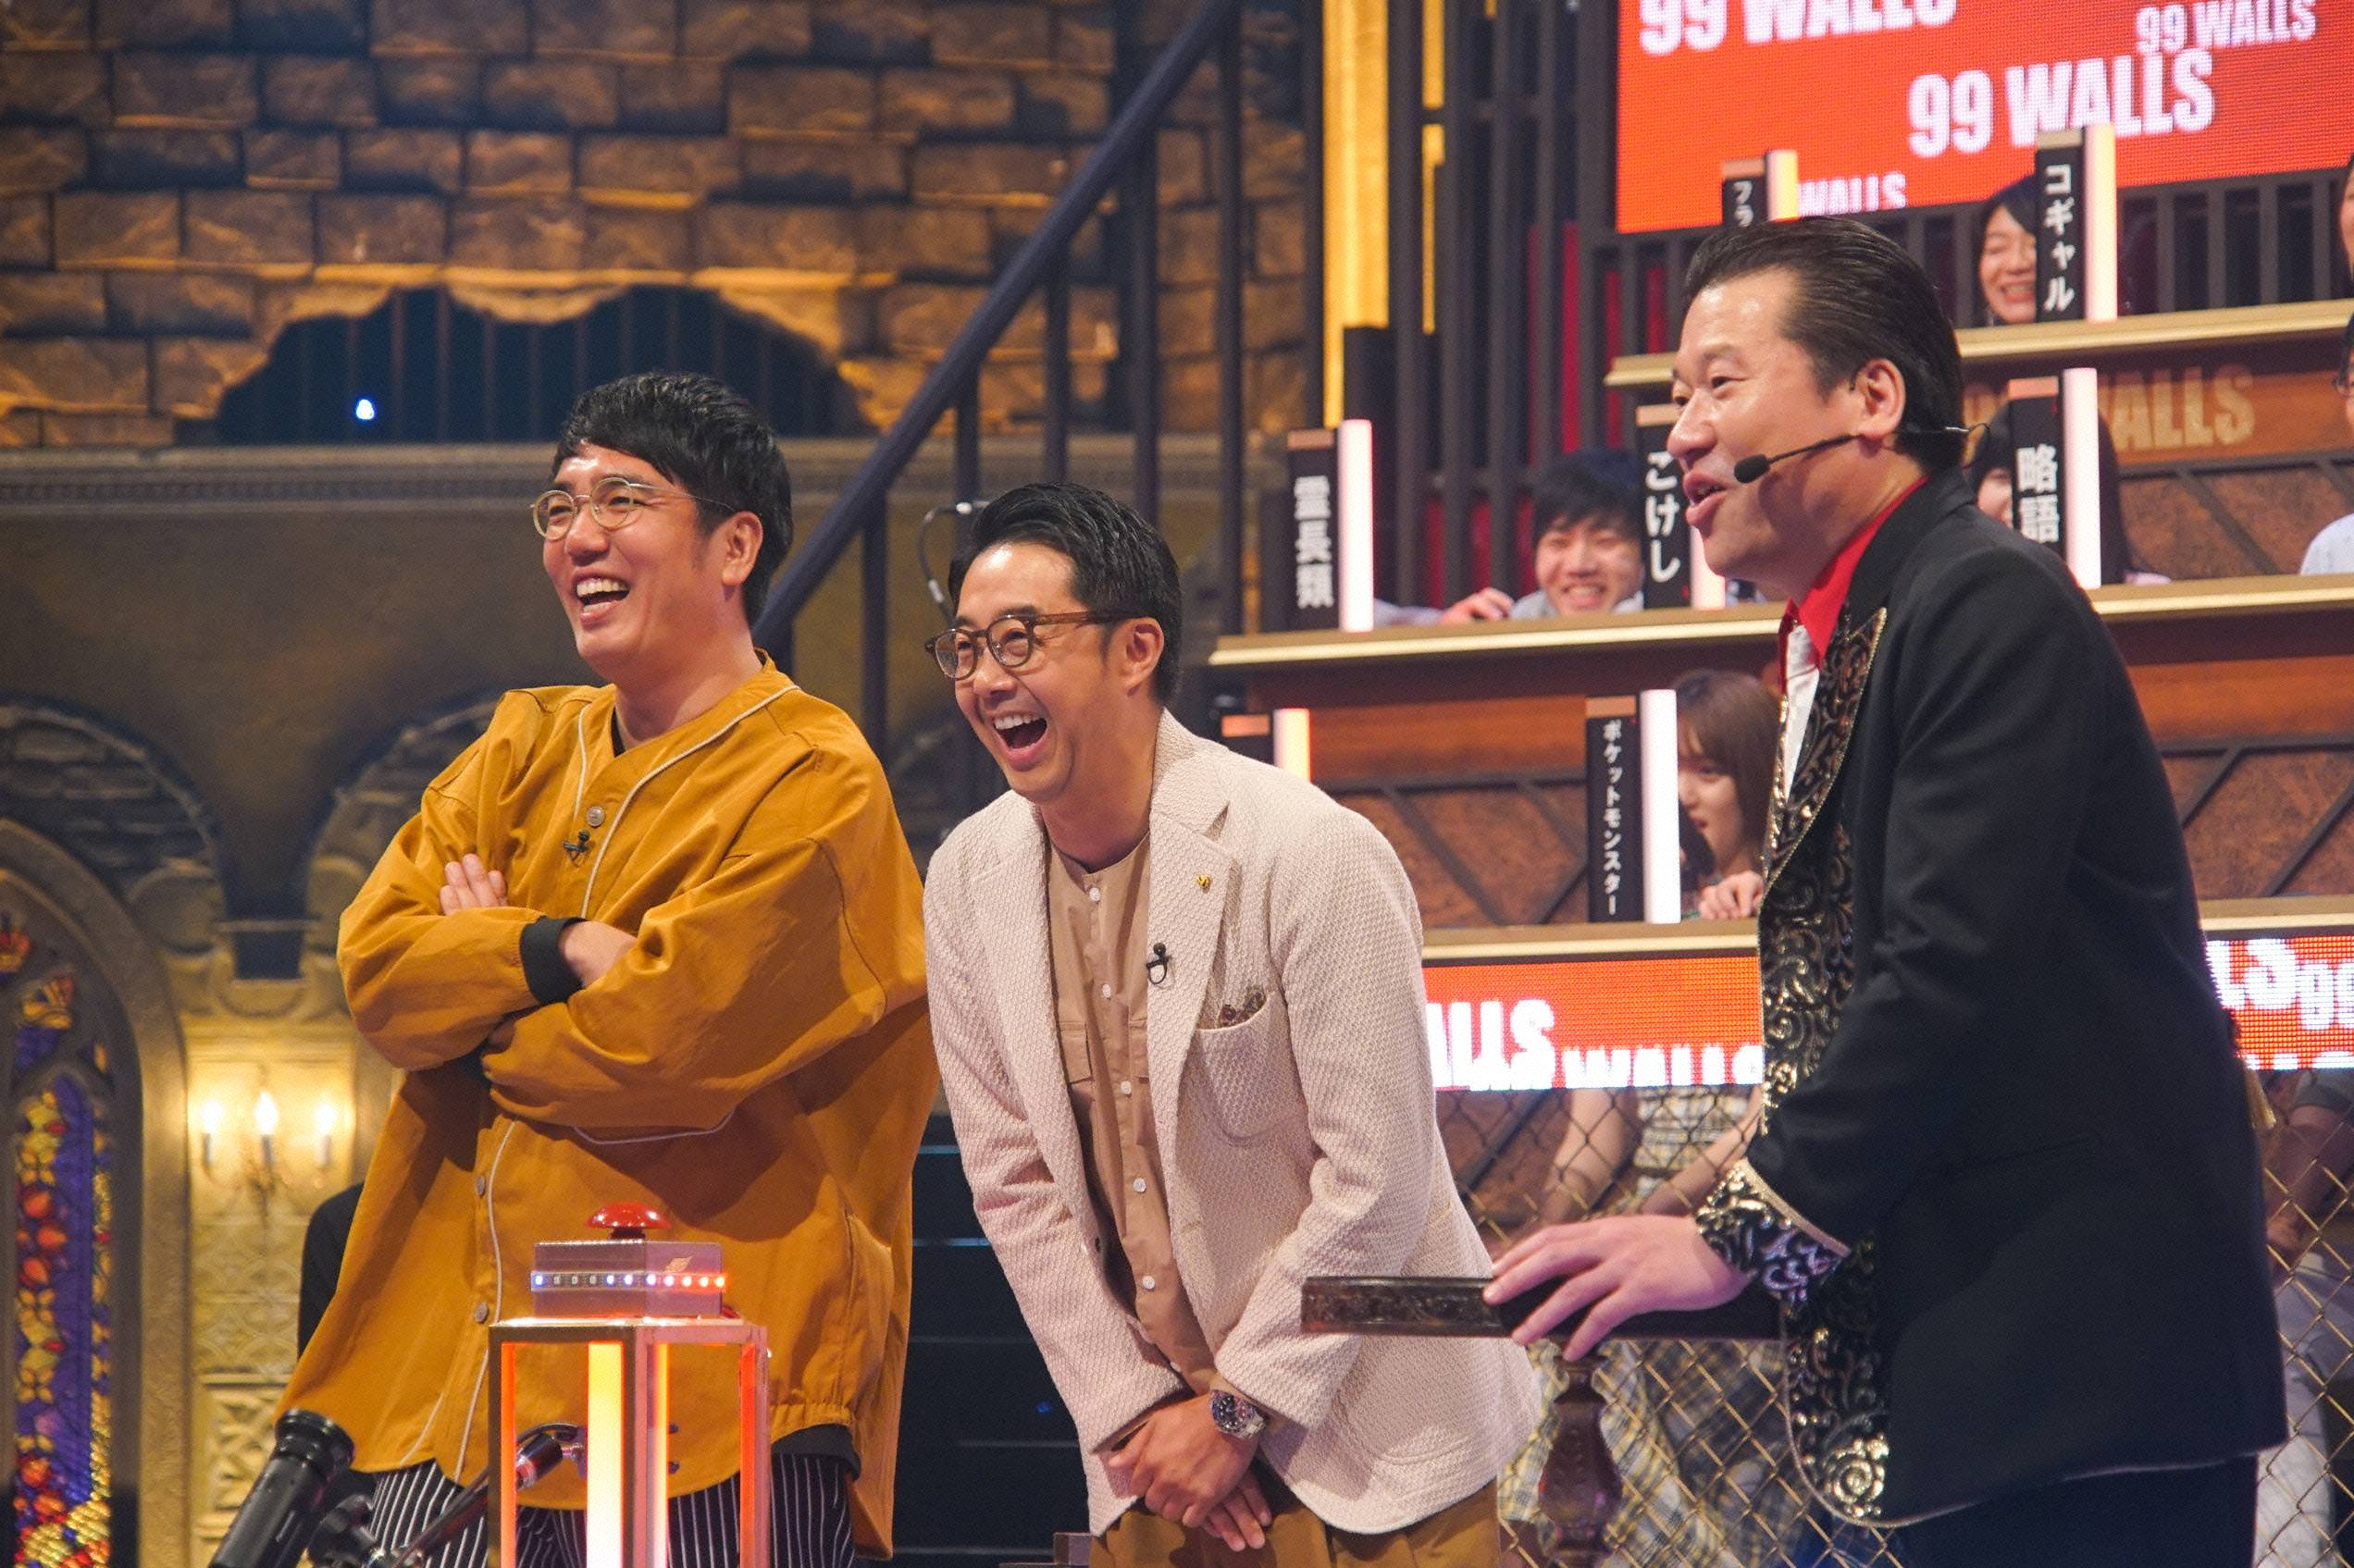 前代未聞のクイズ番組『99人の壁』はこうして生まれた!千葉悠矢×山本太蔵インタビュー(後編)